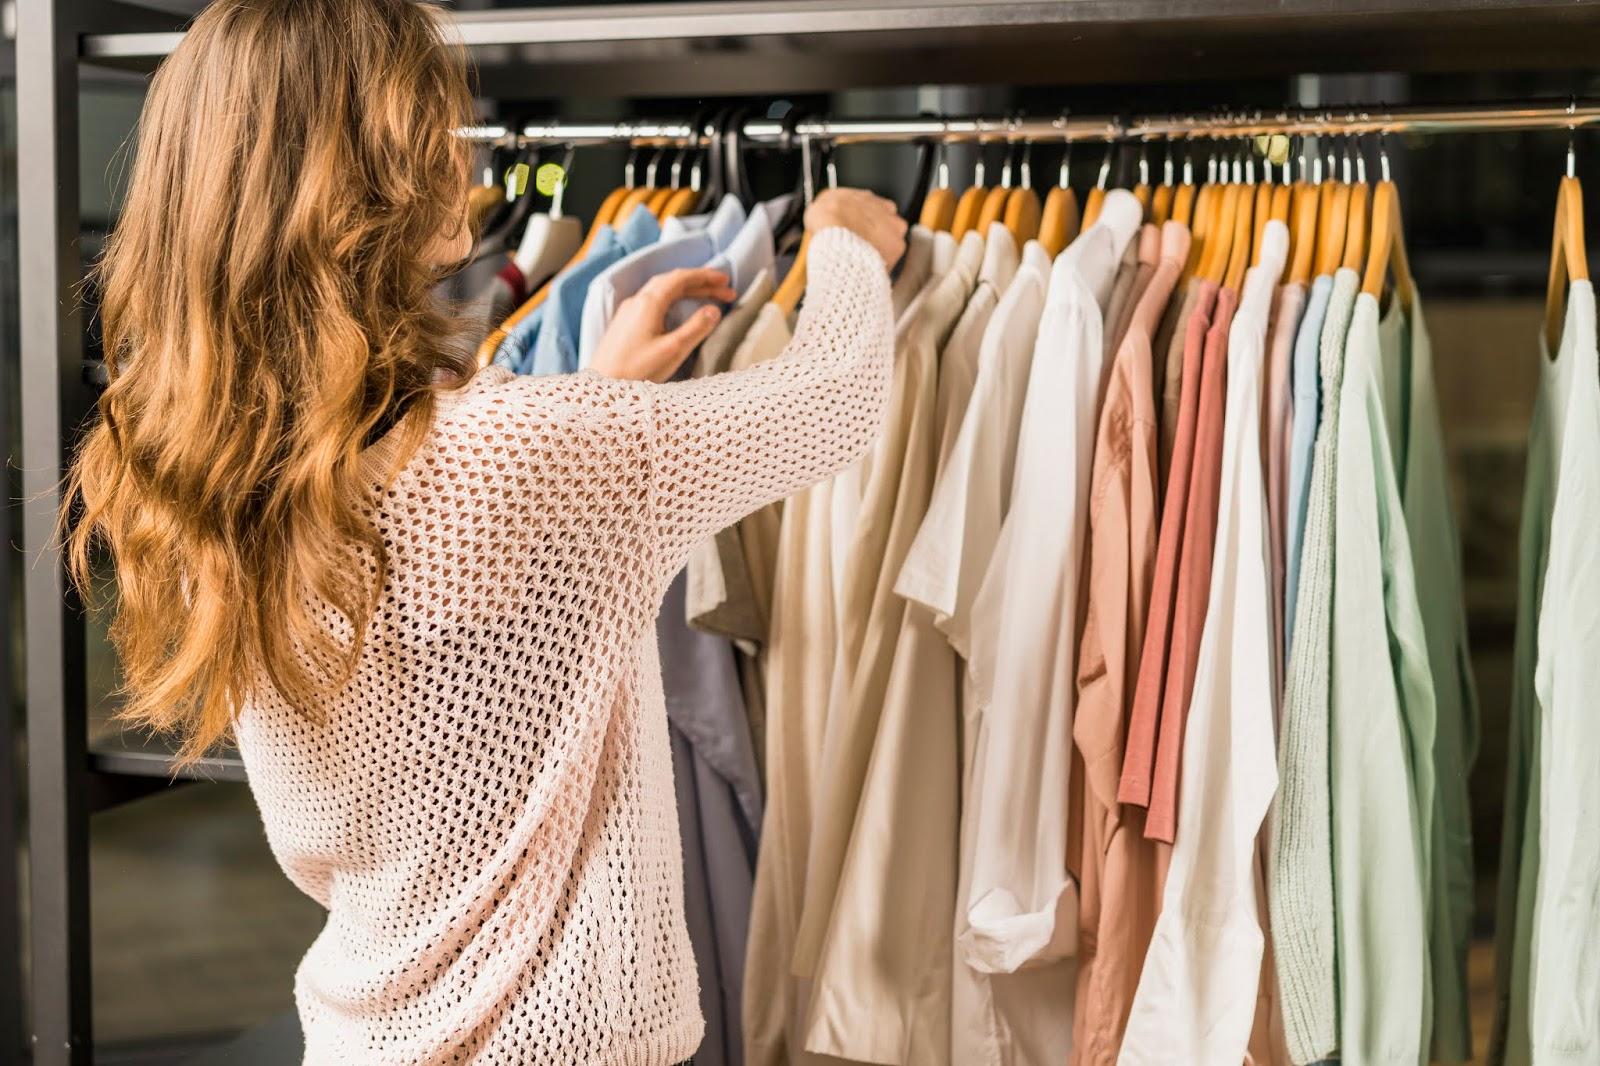 Como comprar roupas de forma inteligente e economizar ao máximo anadodia ana do dia se vestir bem pagando pouco